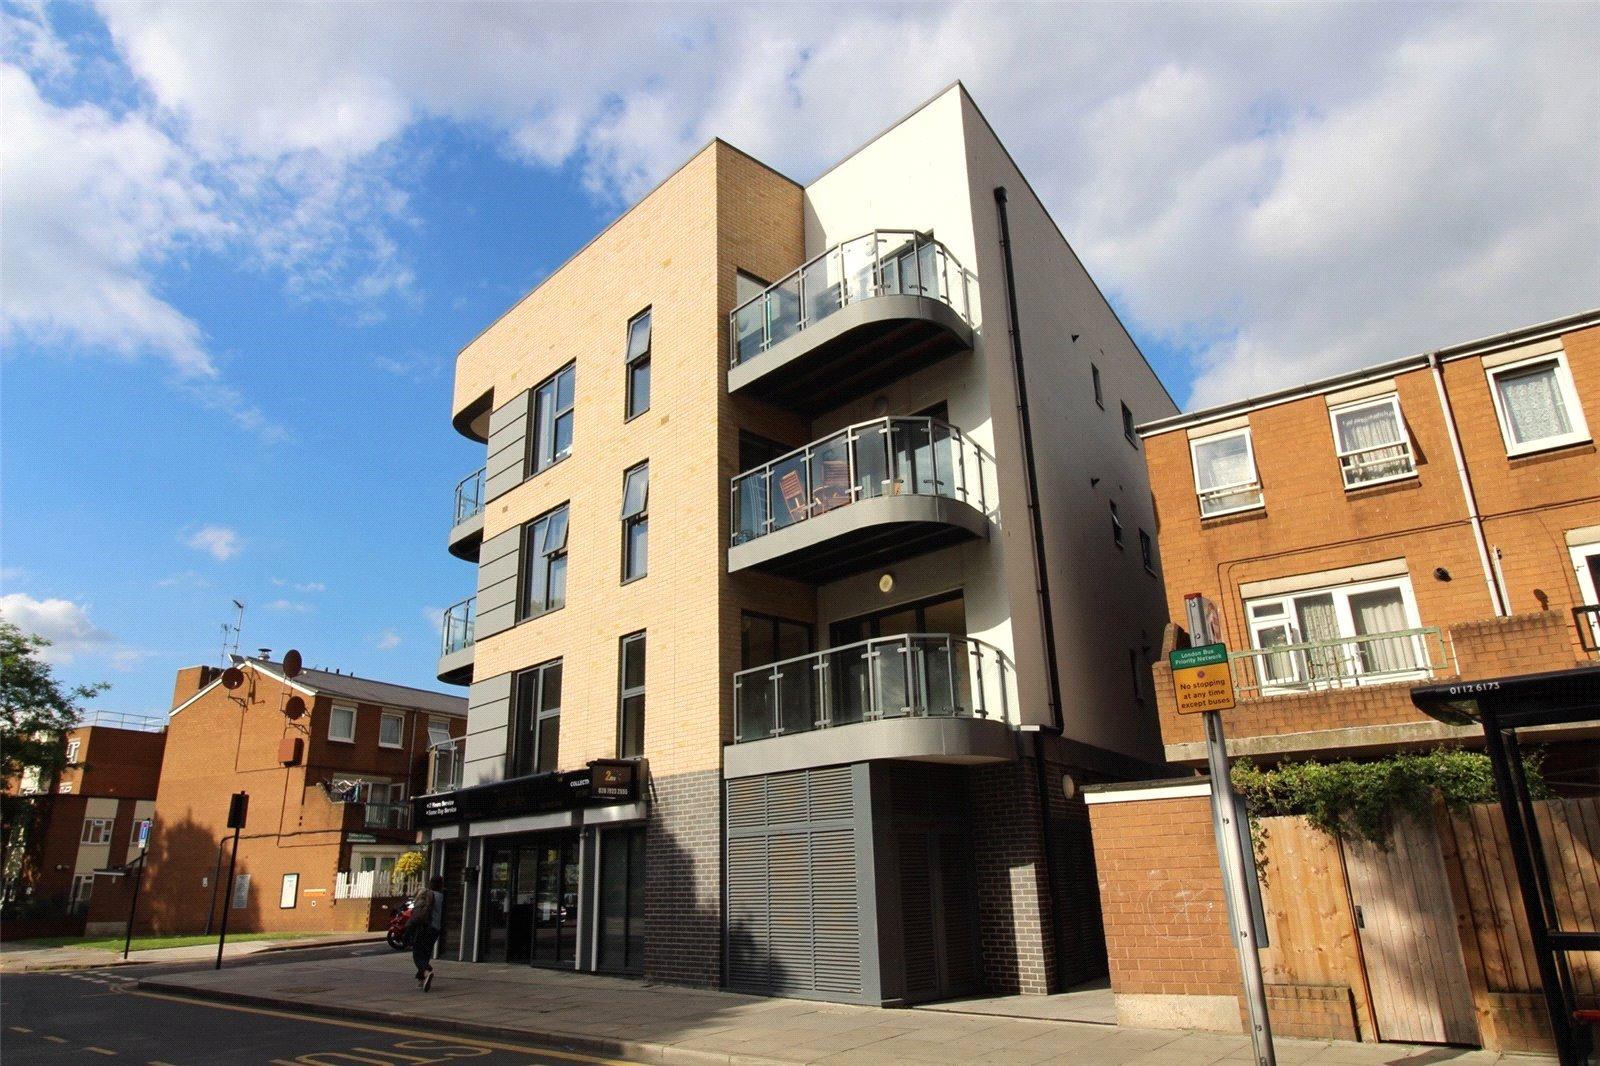 Boleyn Road  Dalston  London  N16